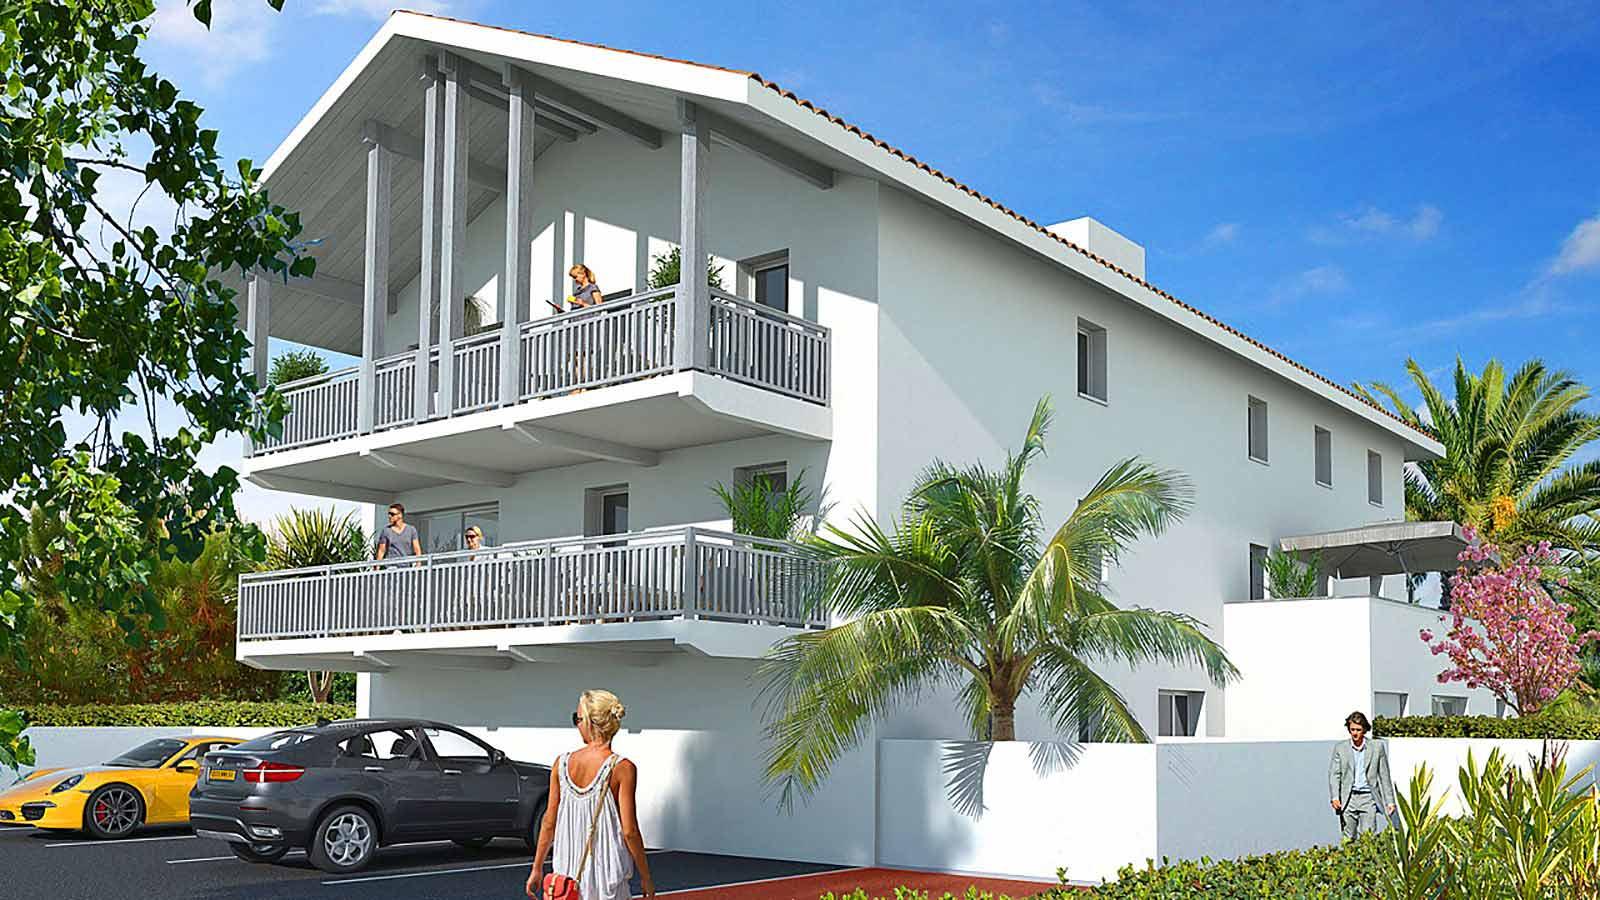 Programme immobilier Montpellier : un crédit immobilier rentable